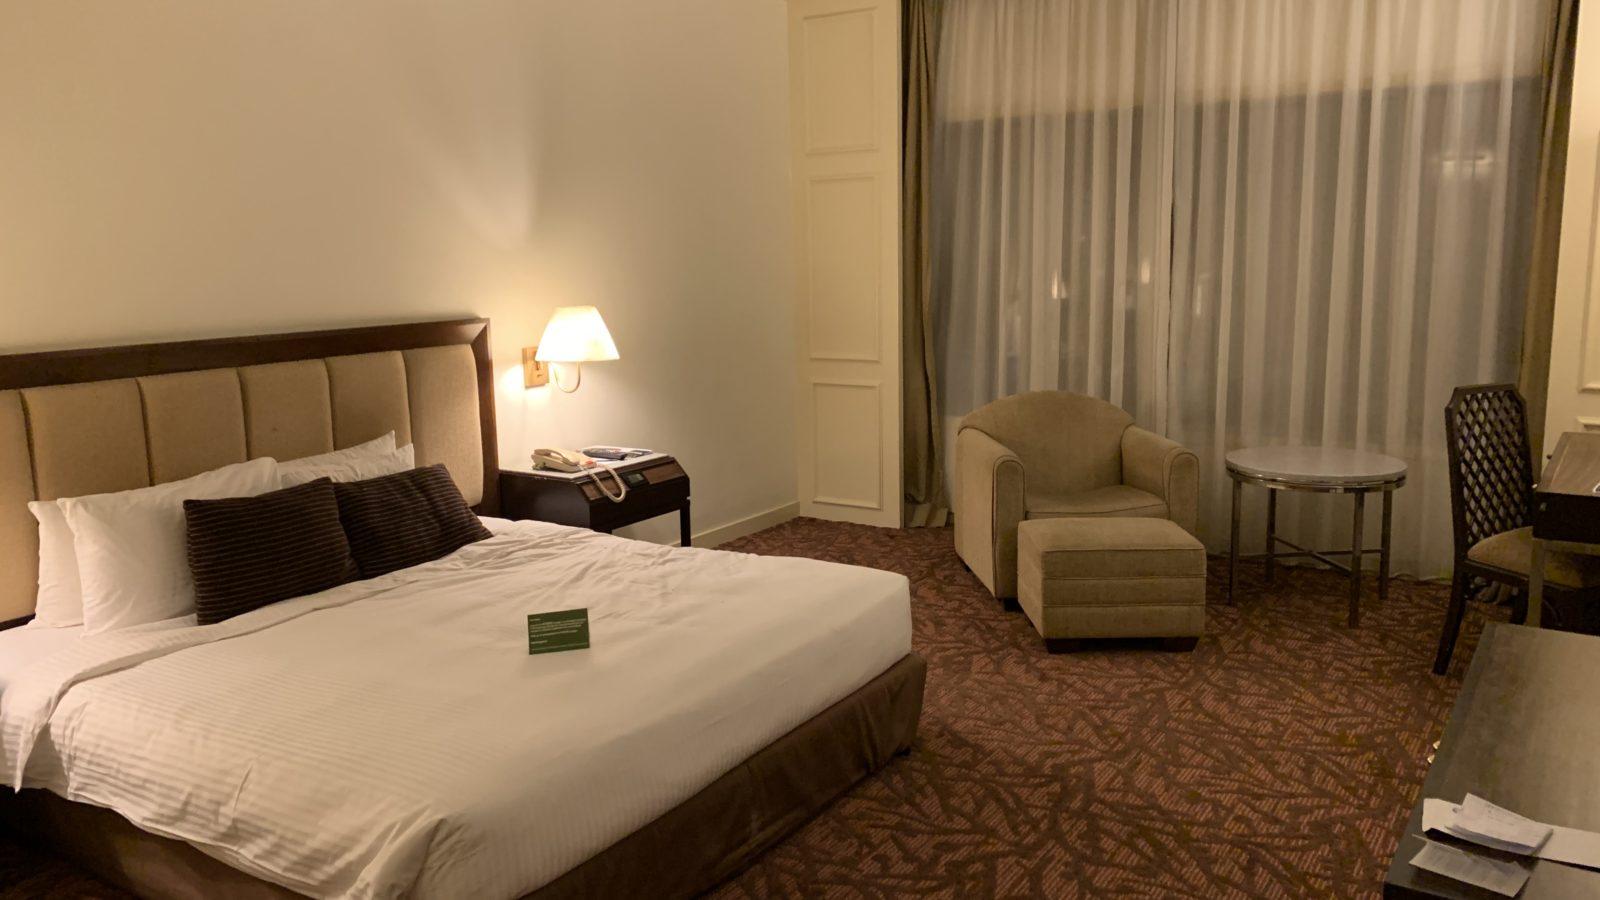 イスタナホテルクアラルンプール-お部屋